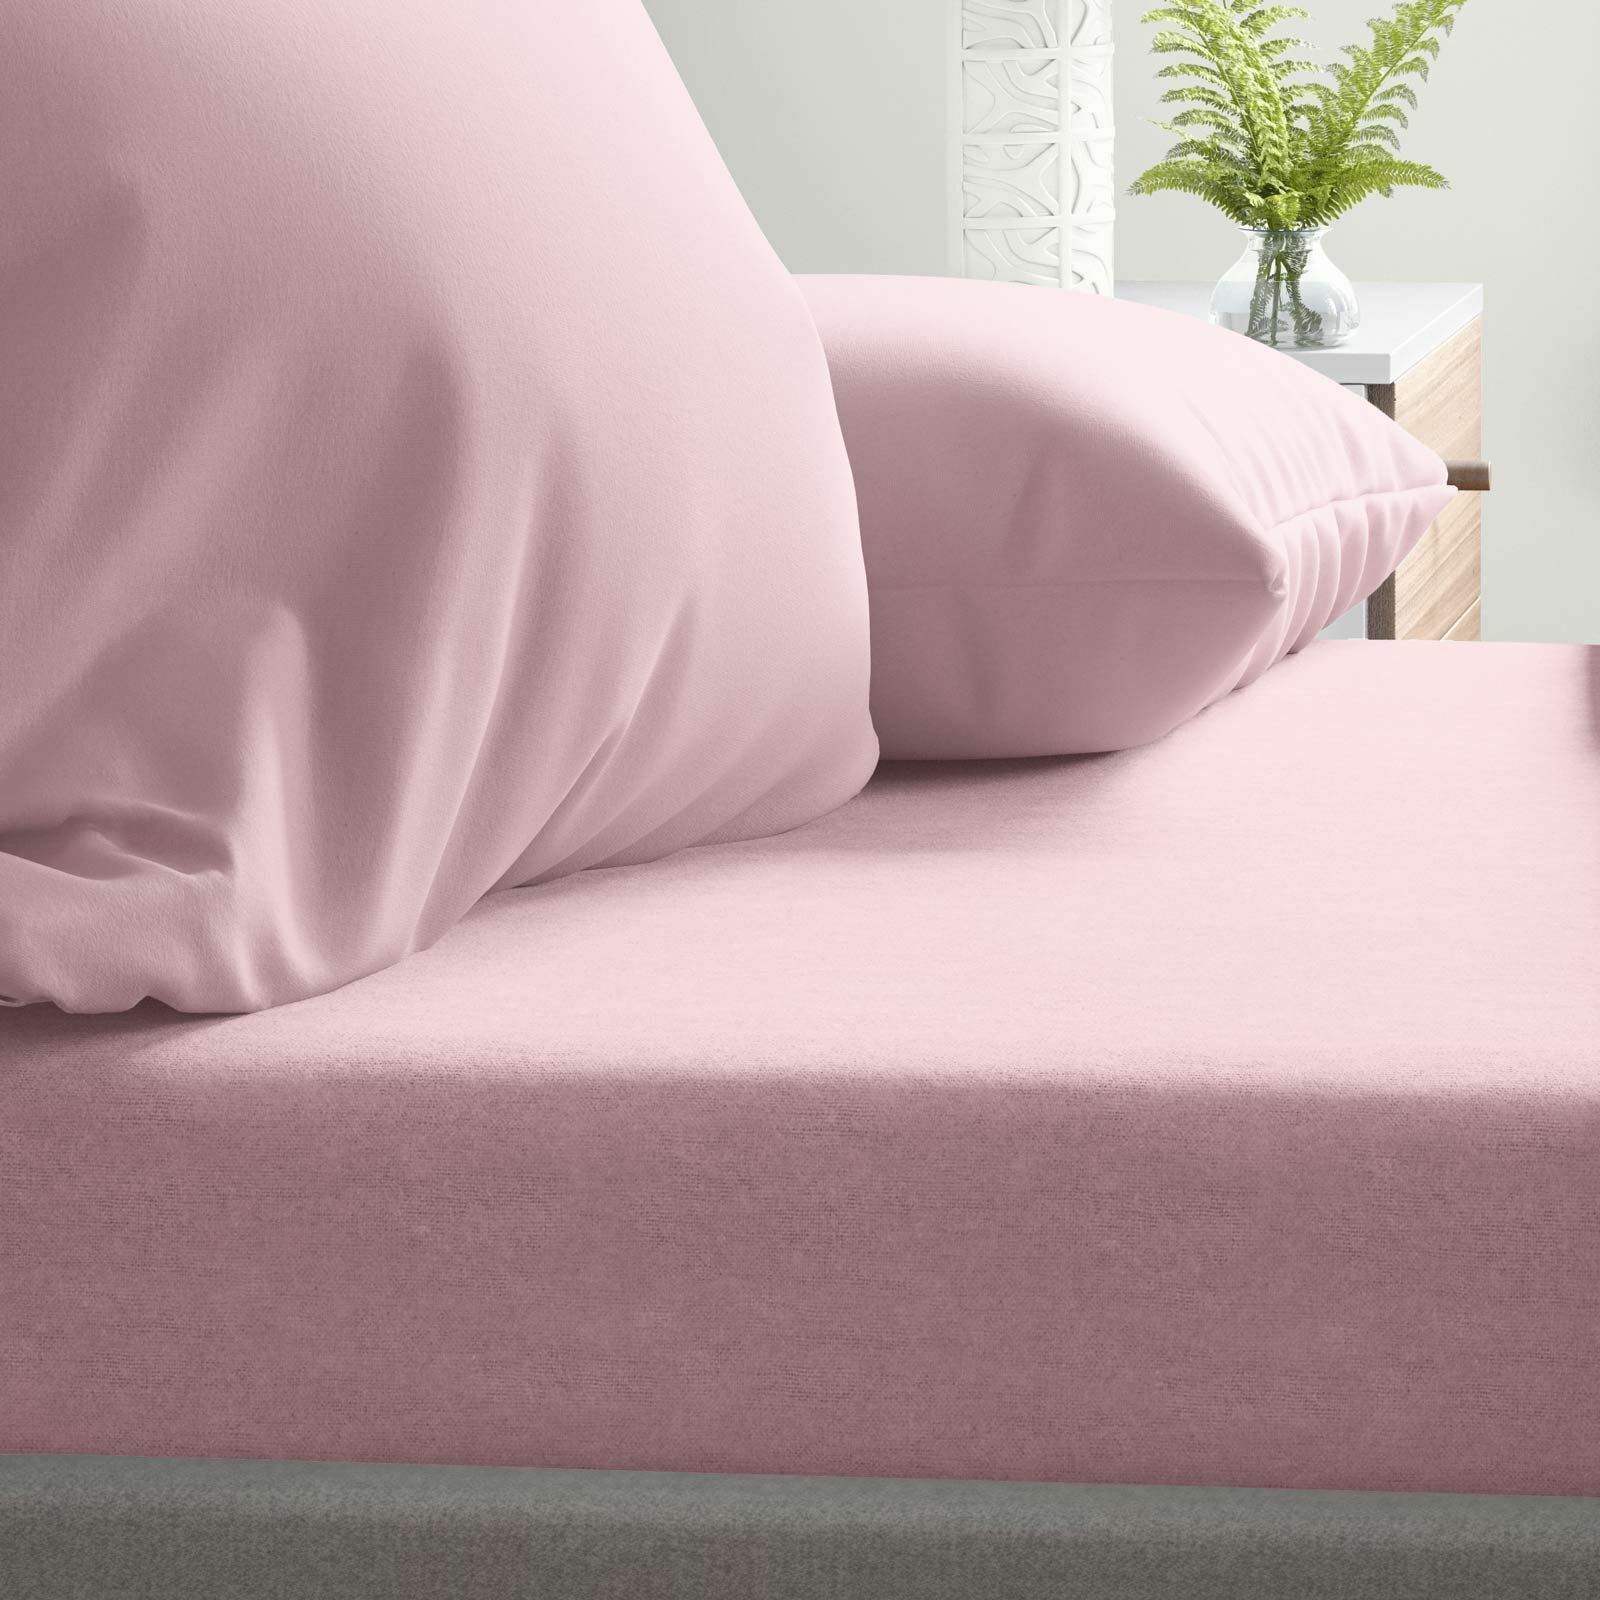 FOGLI Spazzolato rosa flanelletta 100% Cotone Spazzolato FOGLI Lenzuolo Aderente Set di biancheria da letto f3a8ae